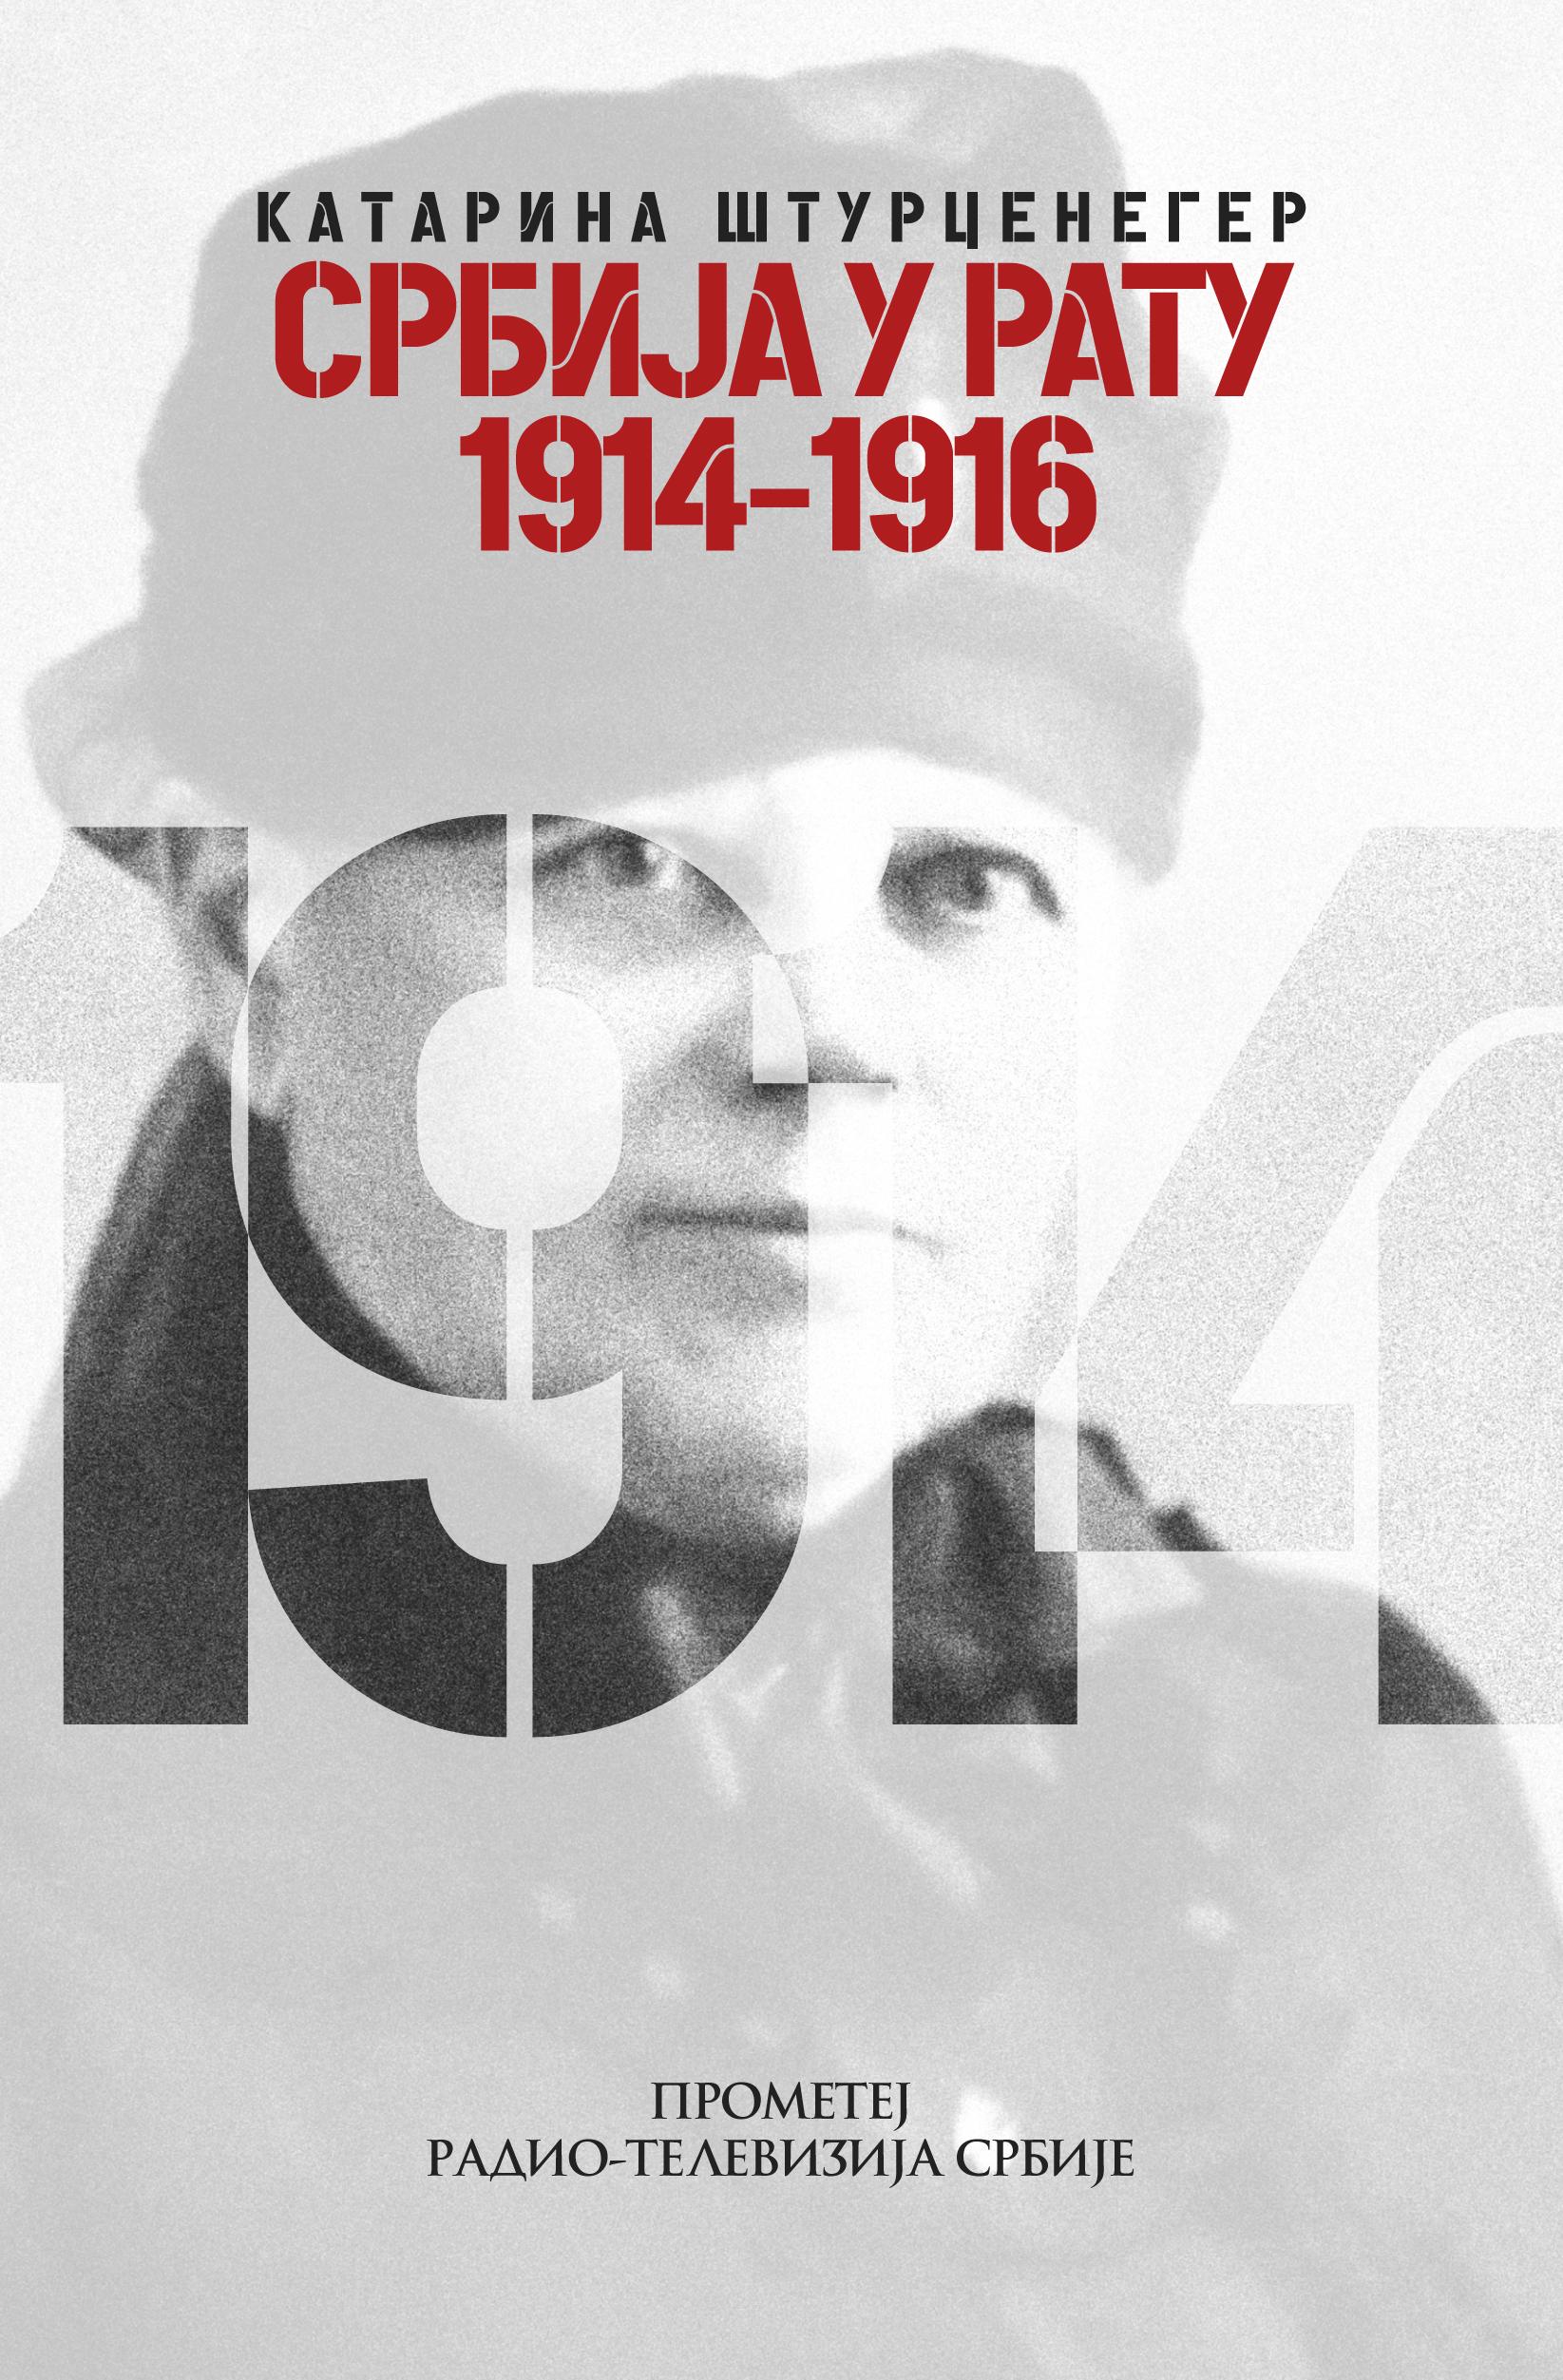 Србија у рату 1914-1916